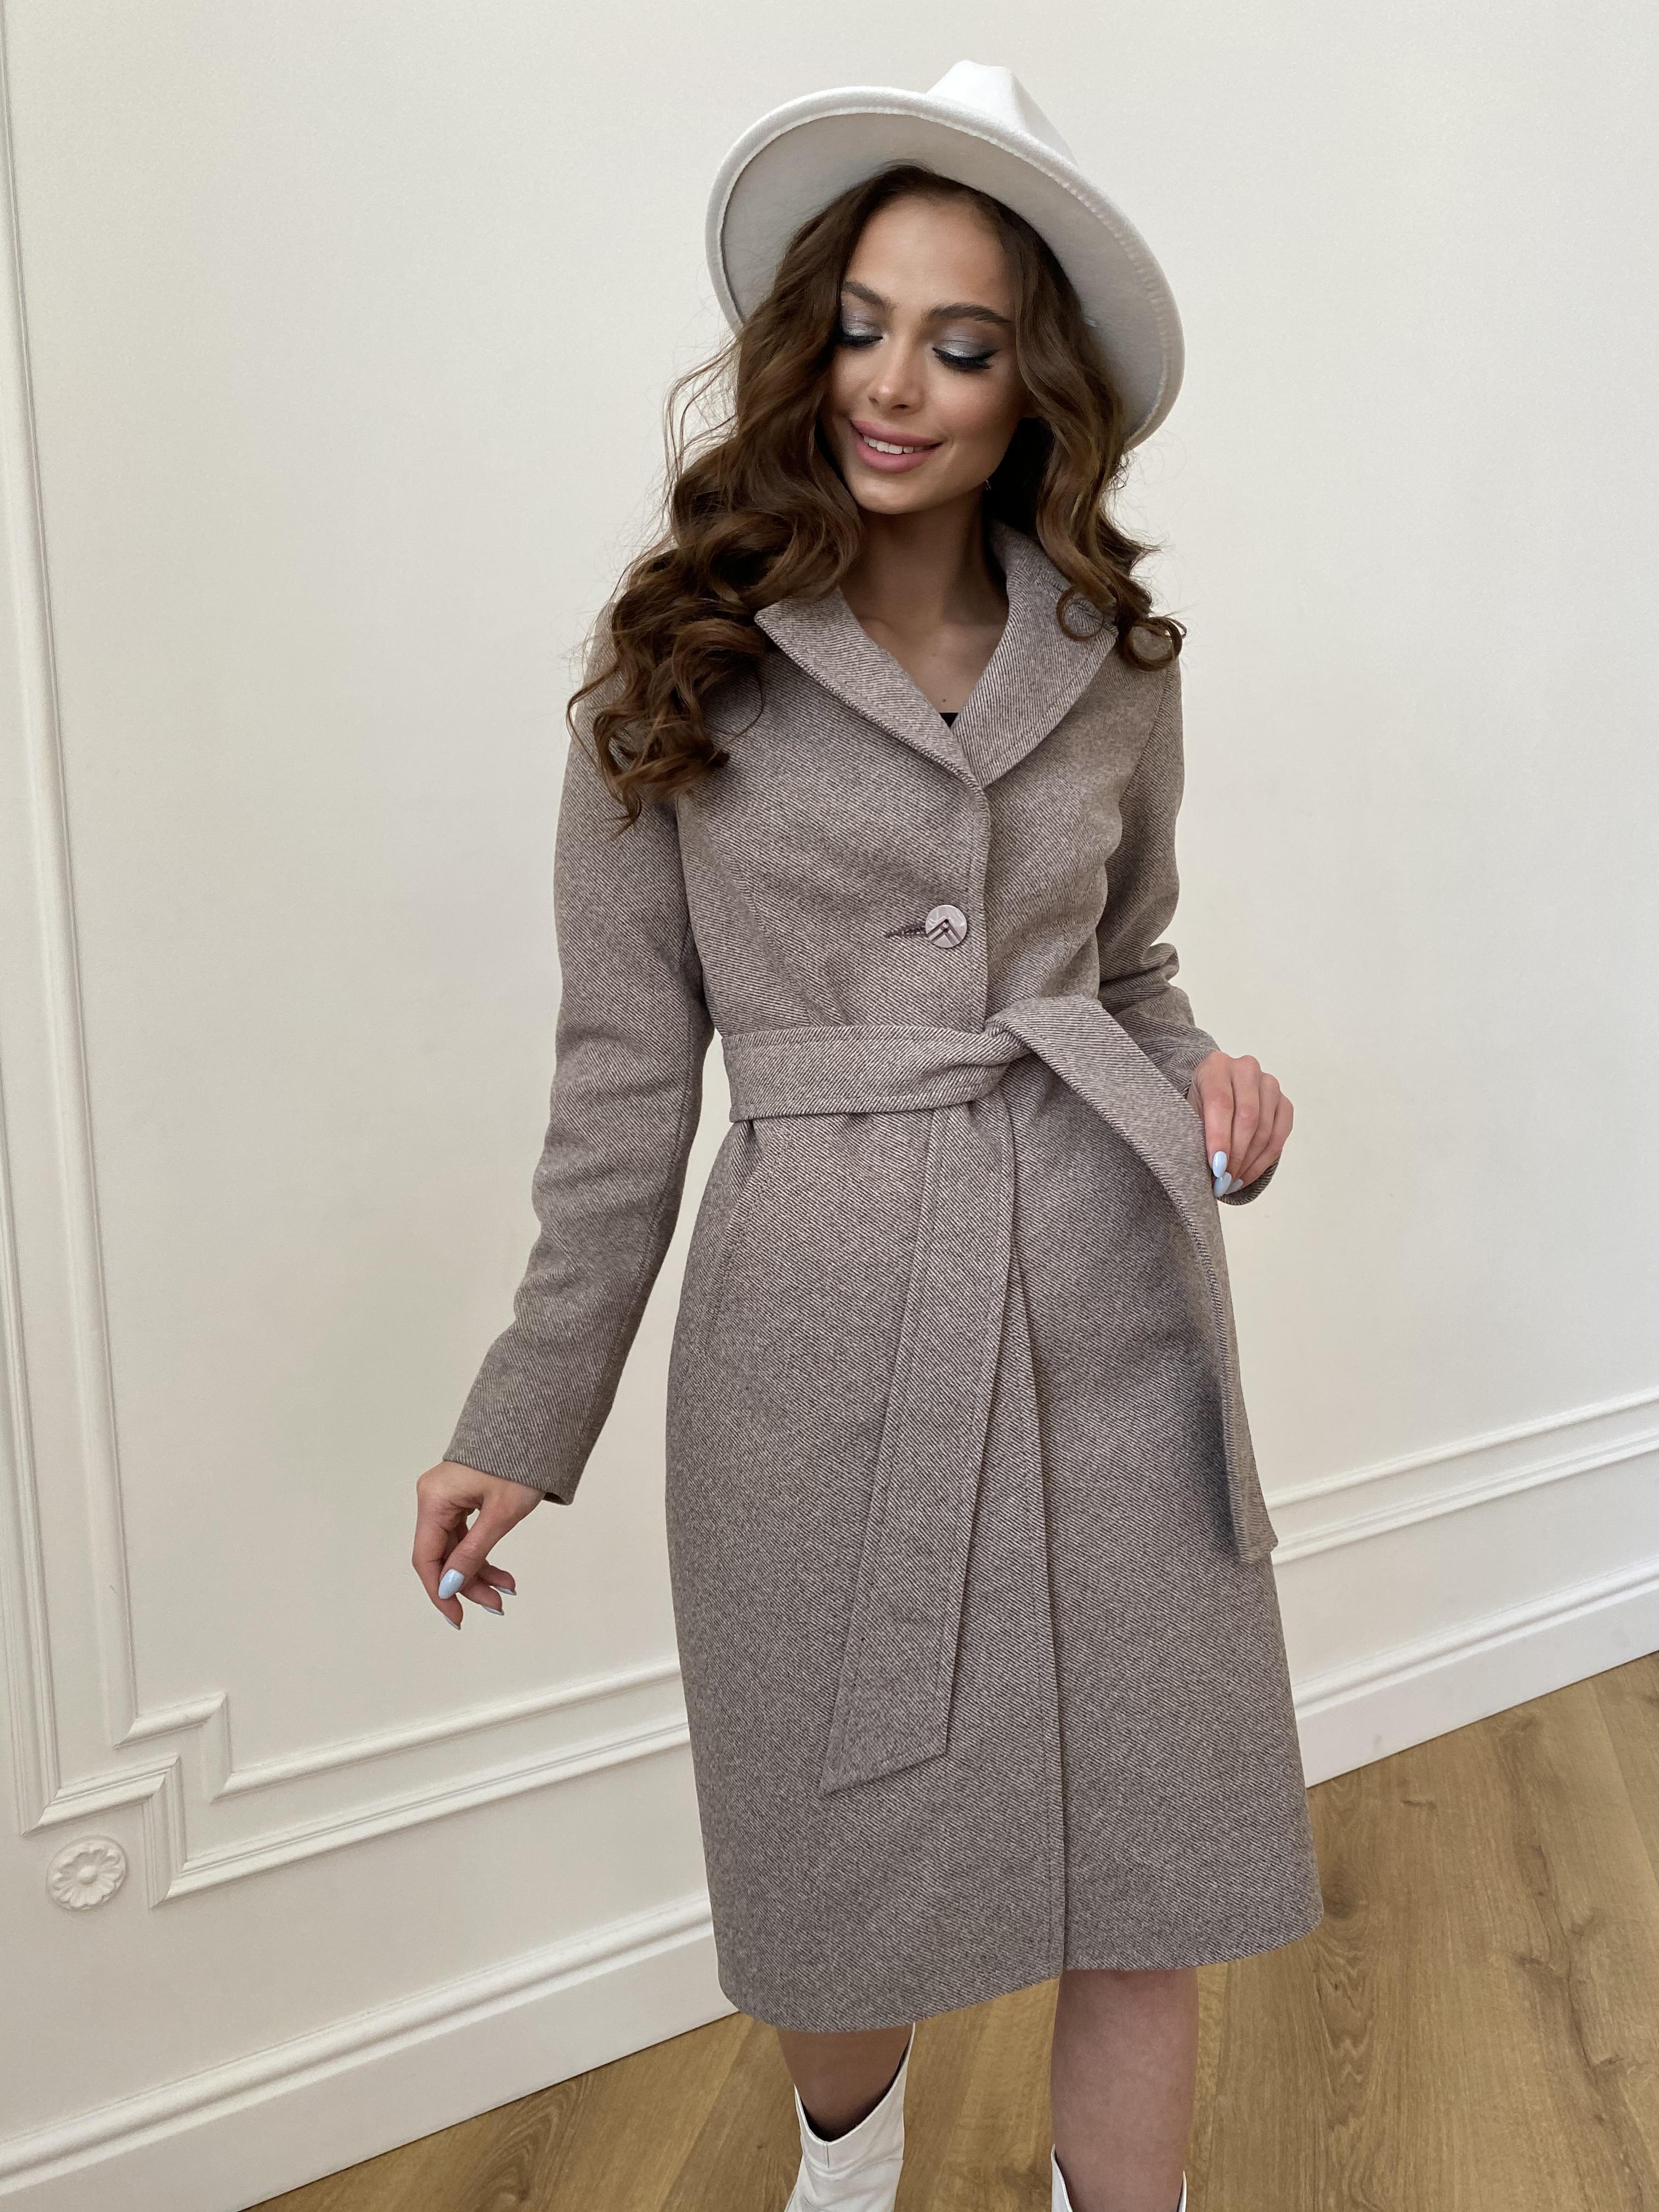 Камила  пальто из кашемира зима 8487 АРТ. 46457 Цвет: Шоколадный меланж 5 - фото 2, интернет магазин tm-modus.ru